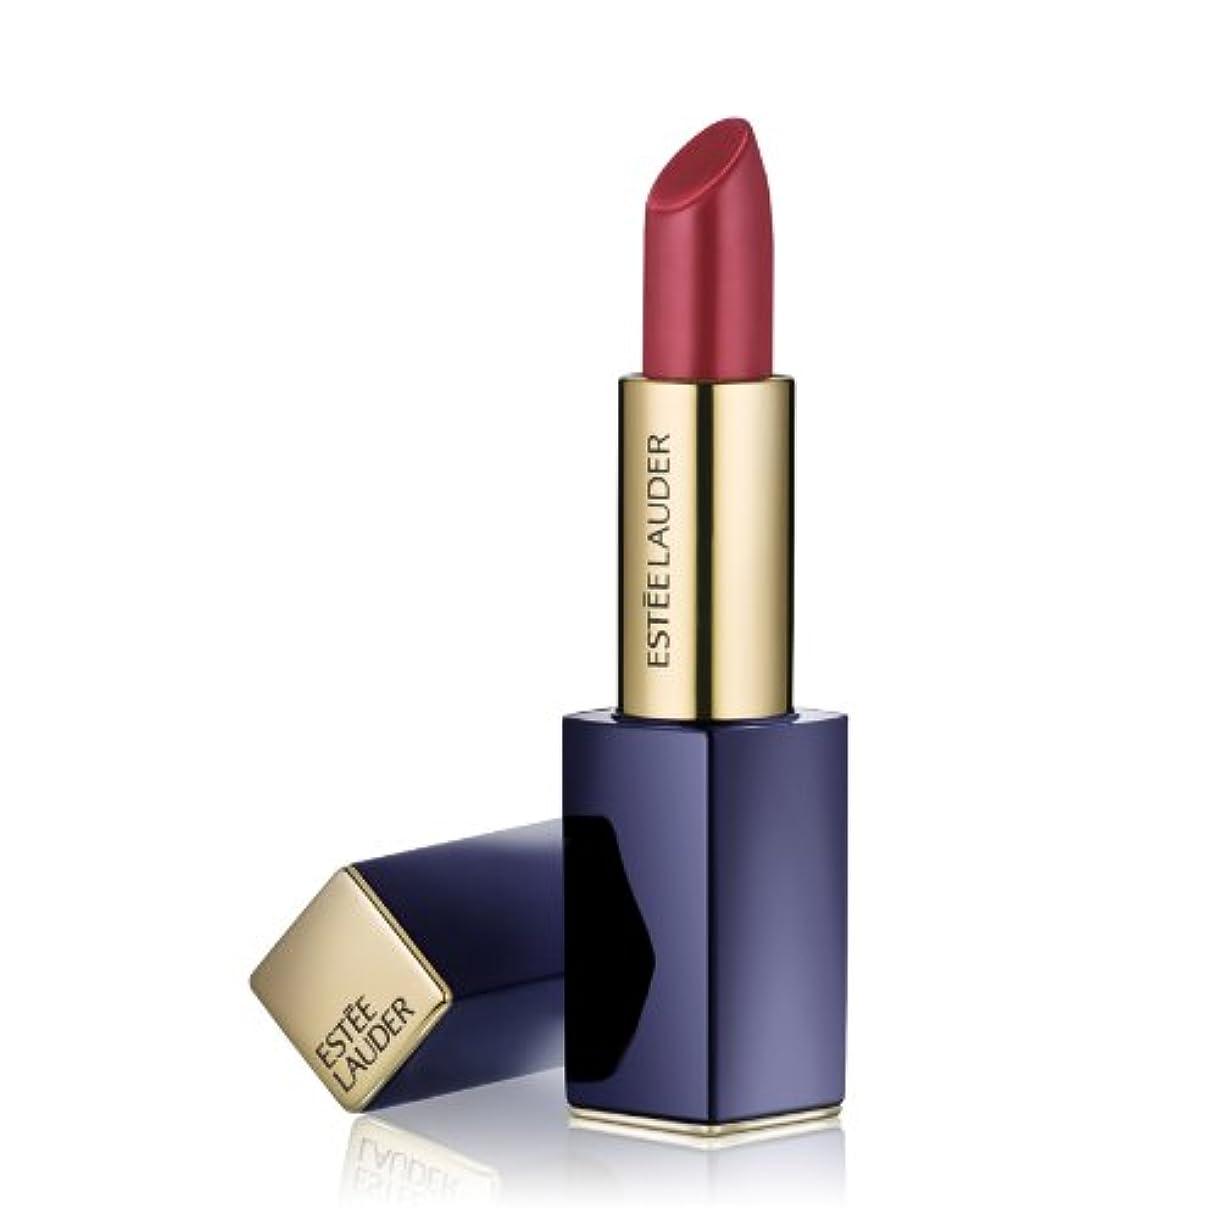 流出タービン首エスティローダー Pure Color Envy Sculpting Lipstick - # 240 Tumultuous Pink 3.5g/0.12oz